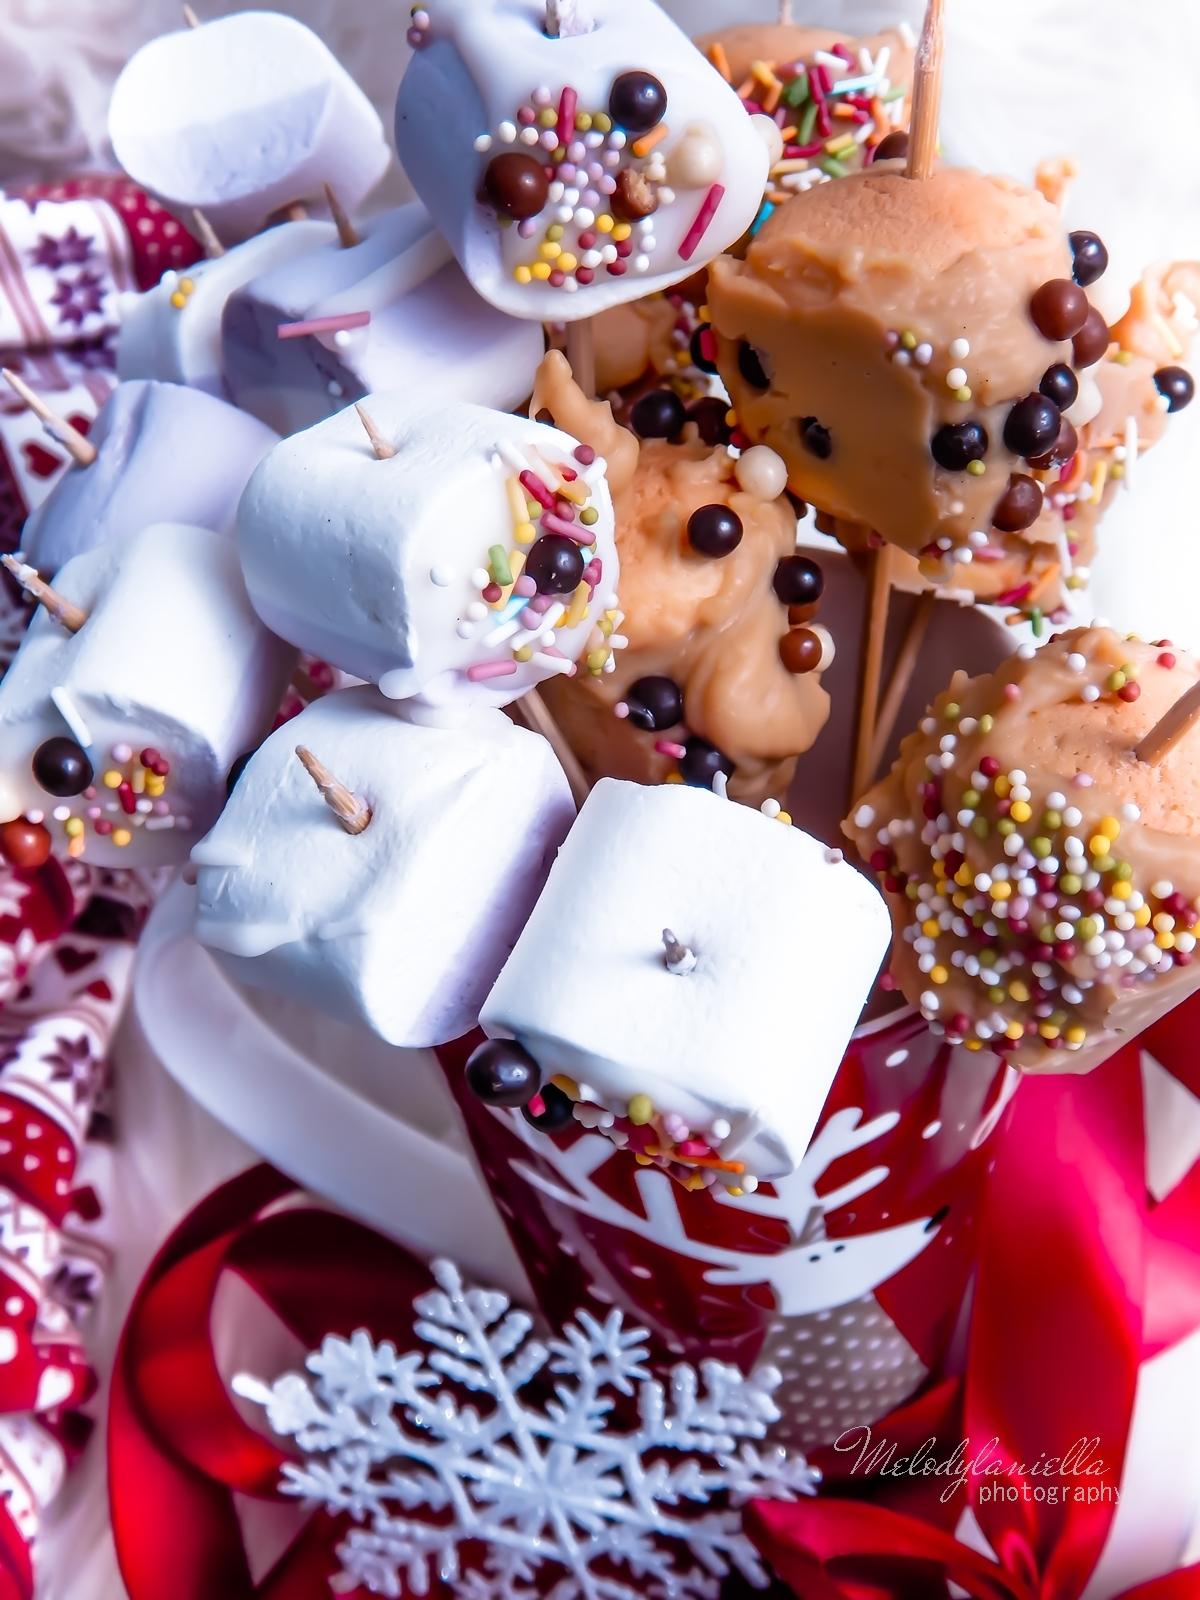 12 szybkie przekąski z pianek jojo, czekolady, banana, swiateczne przysmaki na wykalaczkach efektowne słodycze na Boze Narodzenie zimowe slodkosci melodylaniella lukier